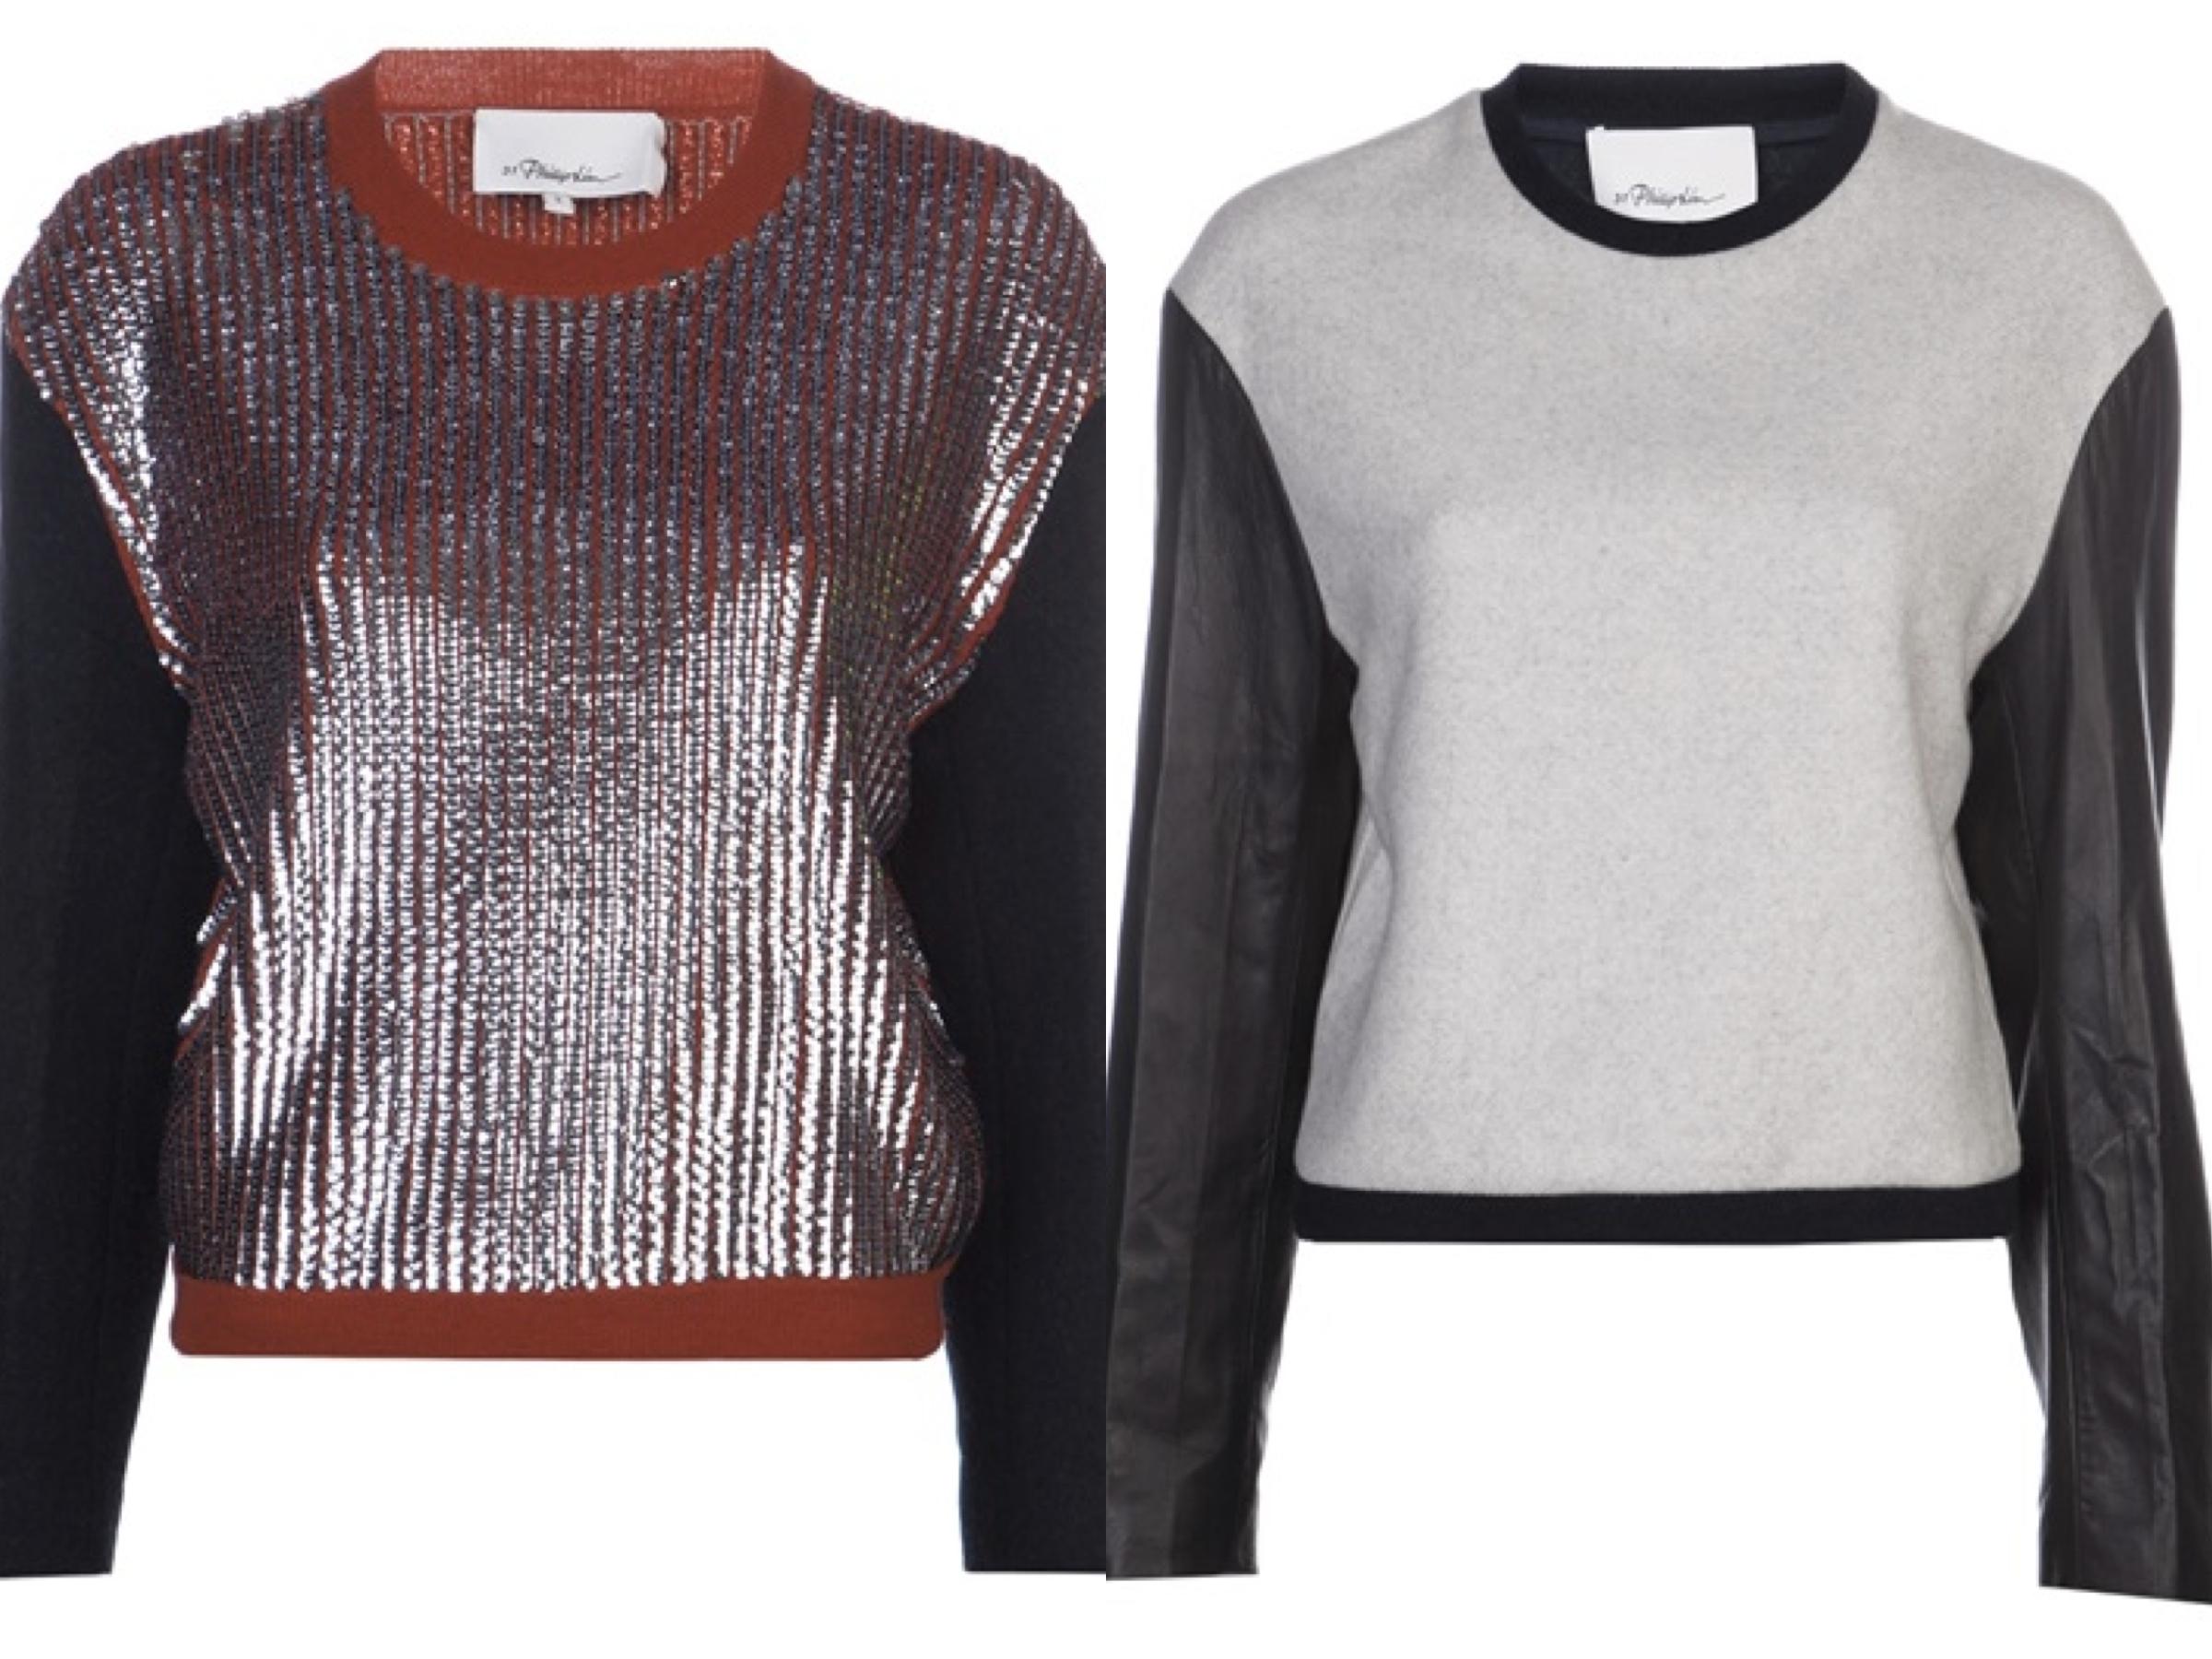 luxe statement sweatshirt 7